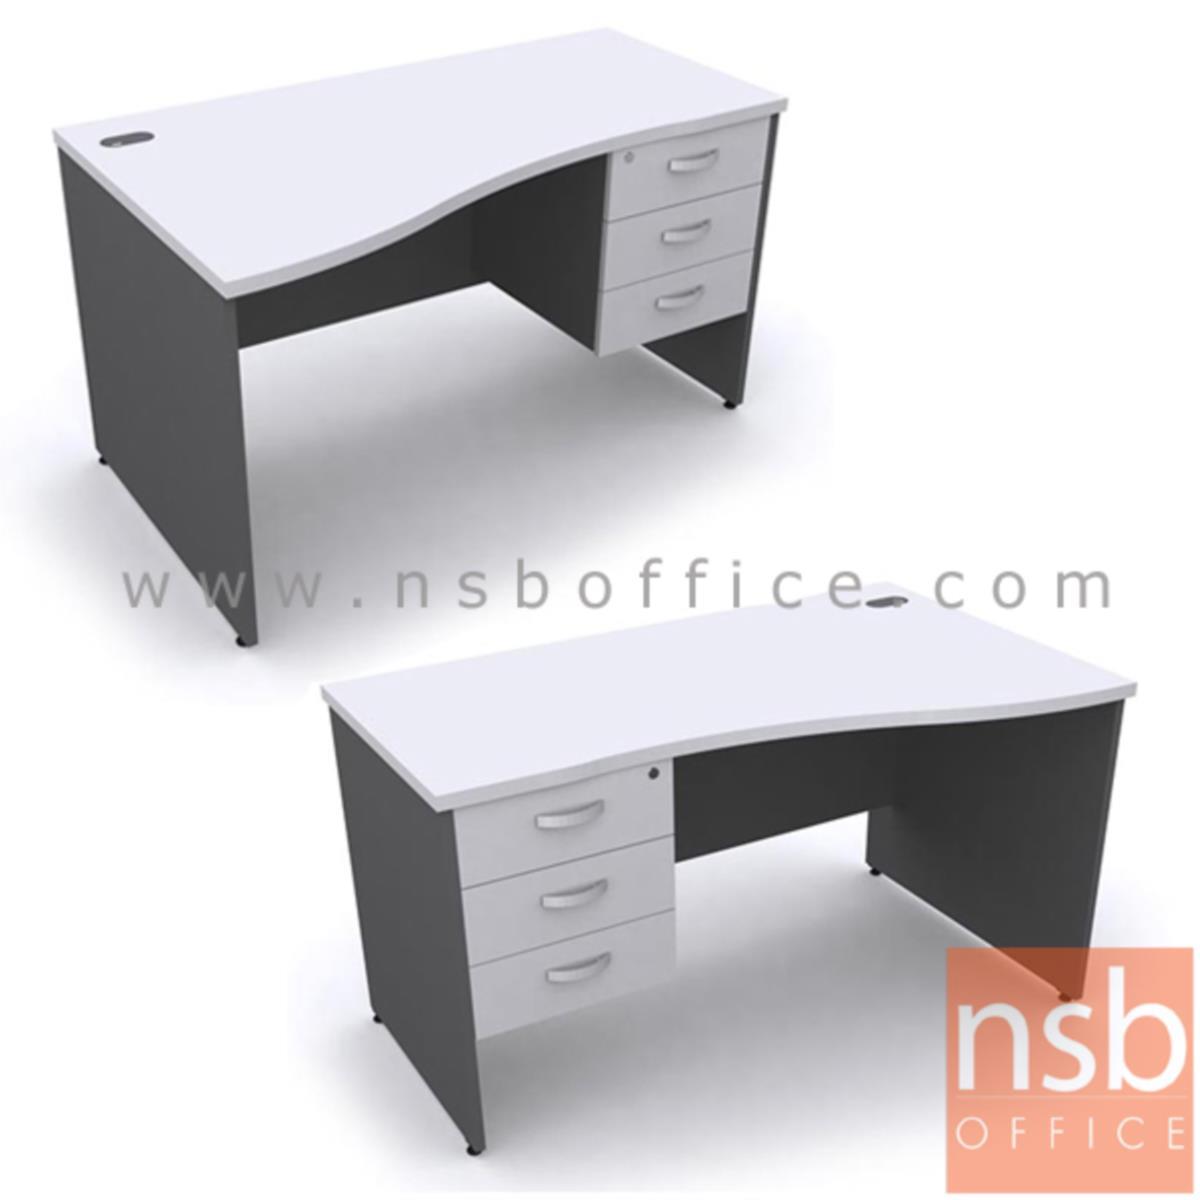 A12A039:โต๊ะทำงานหน้าโค้ง 3 ลิ้นชัก รุ่น Alan (แอลัน) ขนาด 120W ,135W ,150W ,165W ,180W cm. เมลามีน